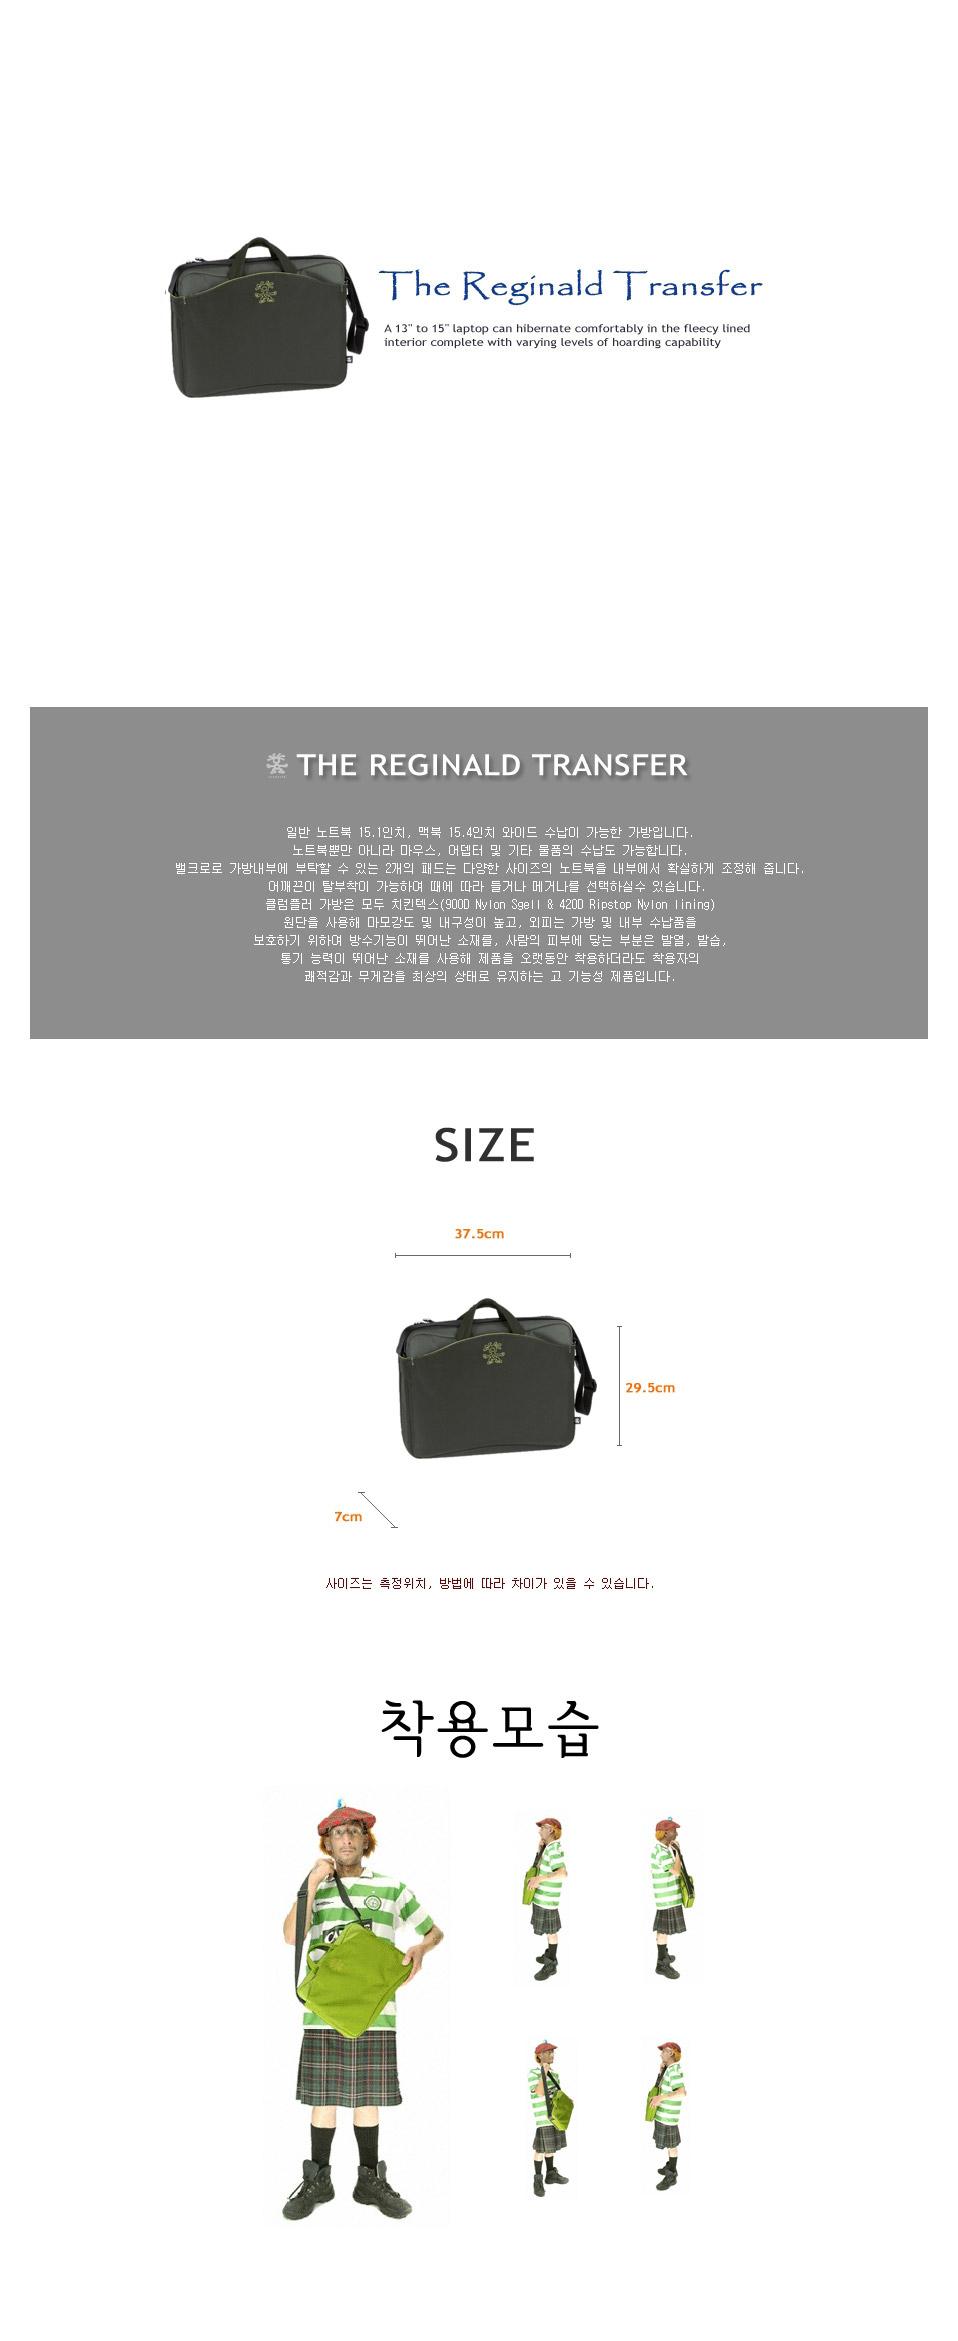 [크럼플러] CRUMPLER The Reginald Transfer - RT -